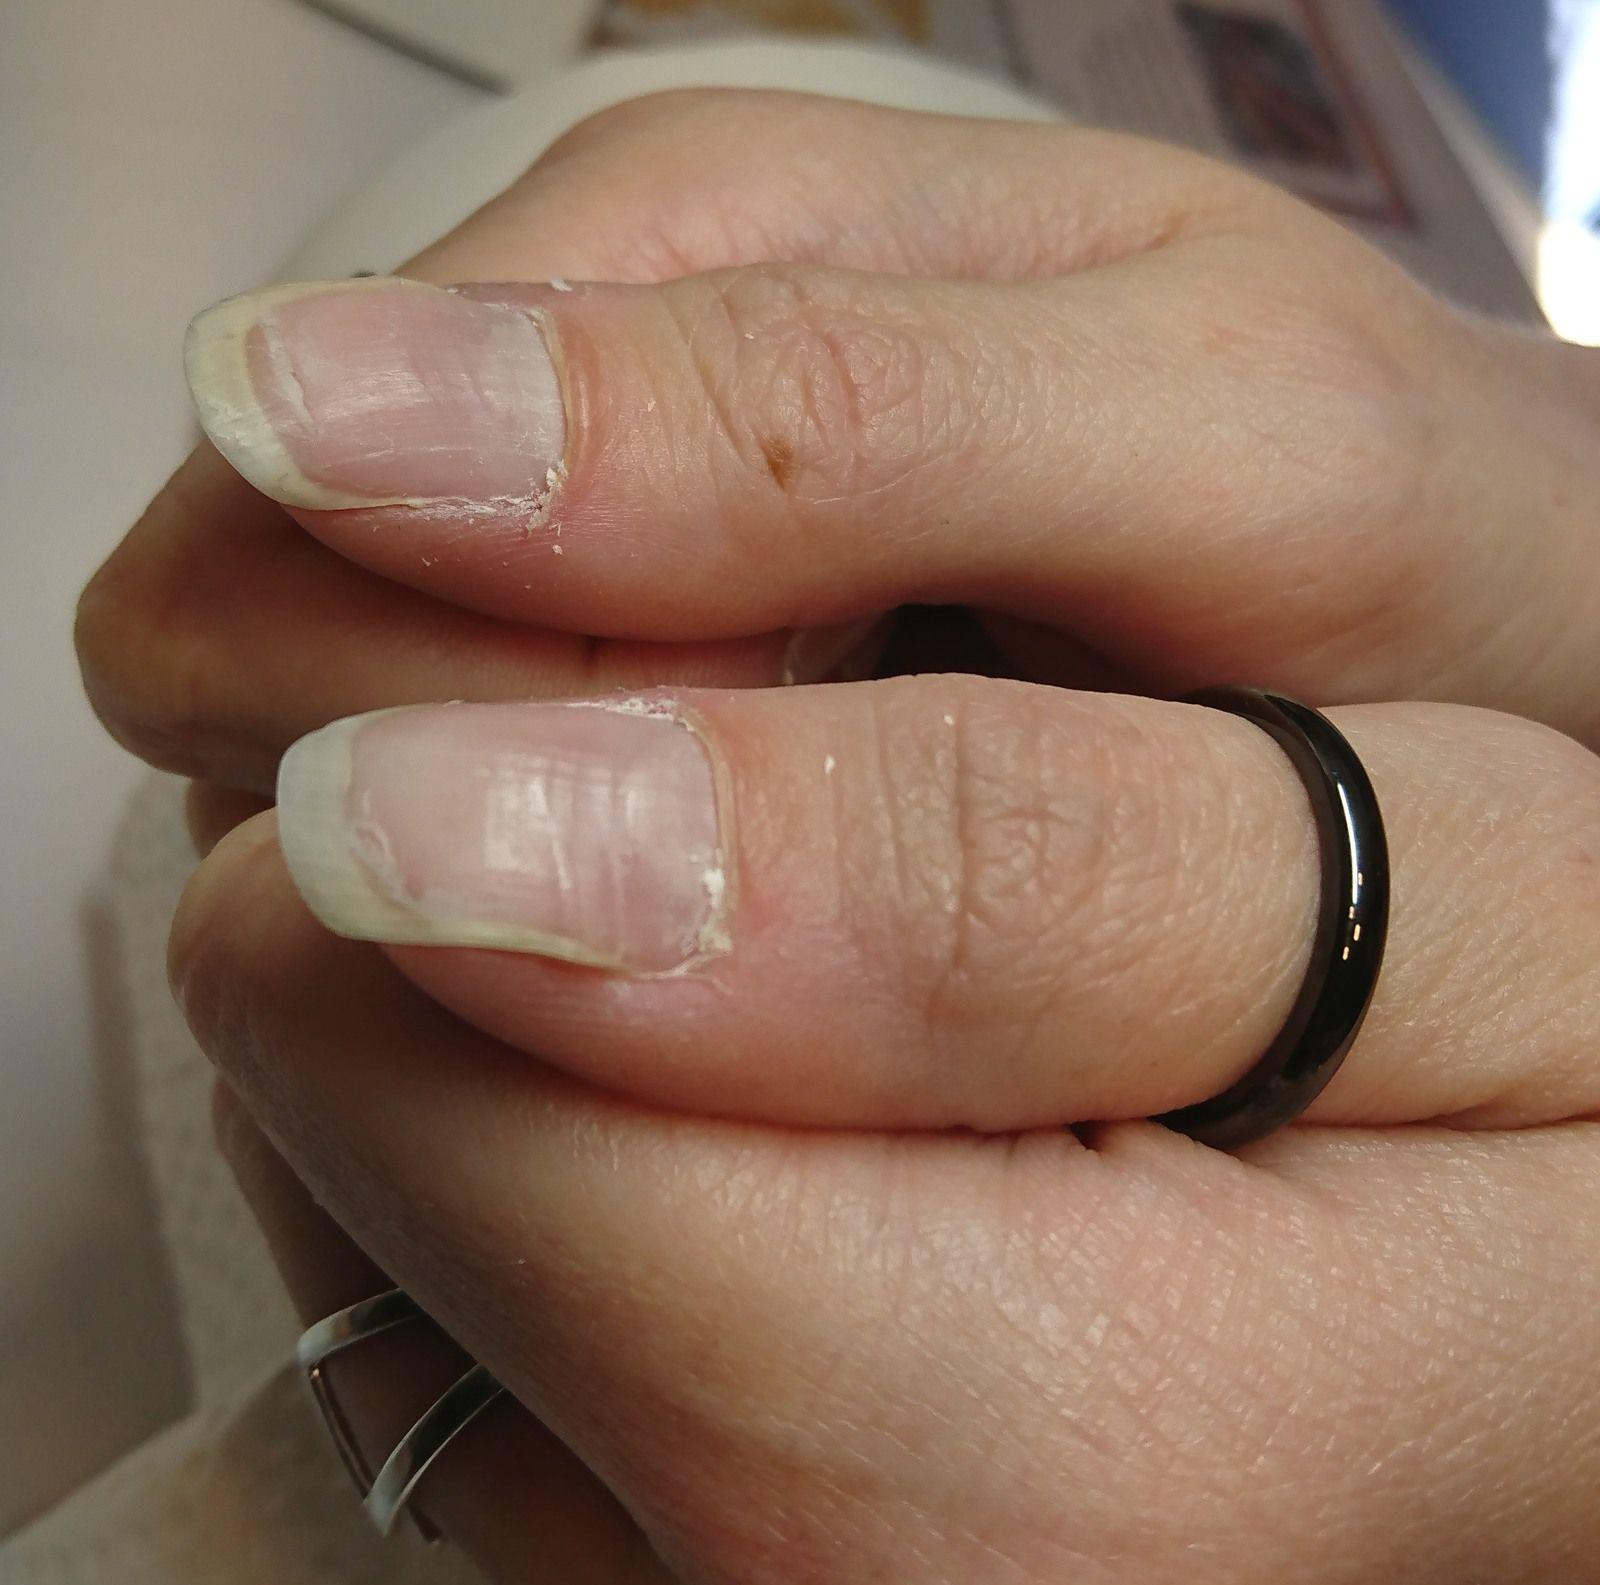 avant après reconstruction d'ongles décolés avec vagues et stries tres marquées